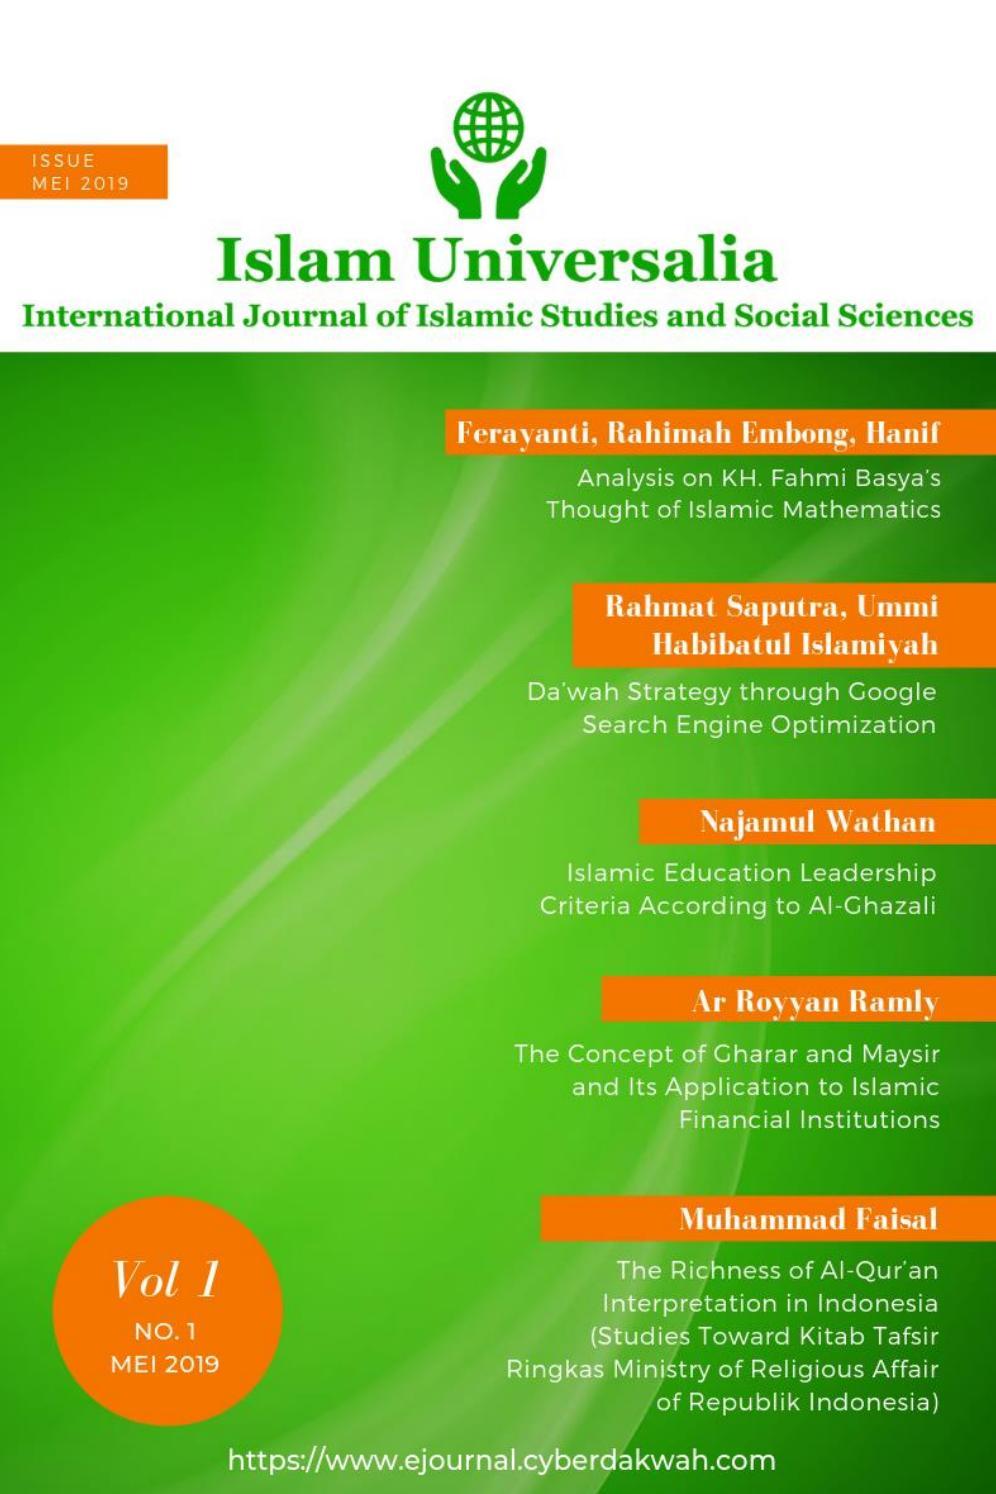 Konsep Gharar Dan Maysir Dan Aplikasinya Pada Lembaga Keuangan Islam By Islam Universalia Issuu